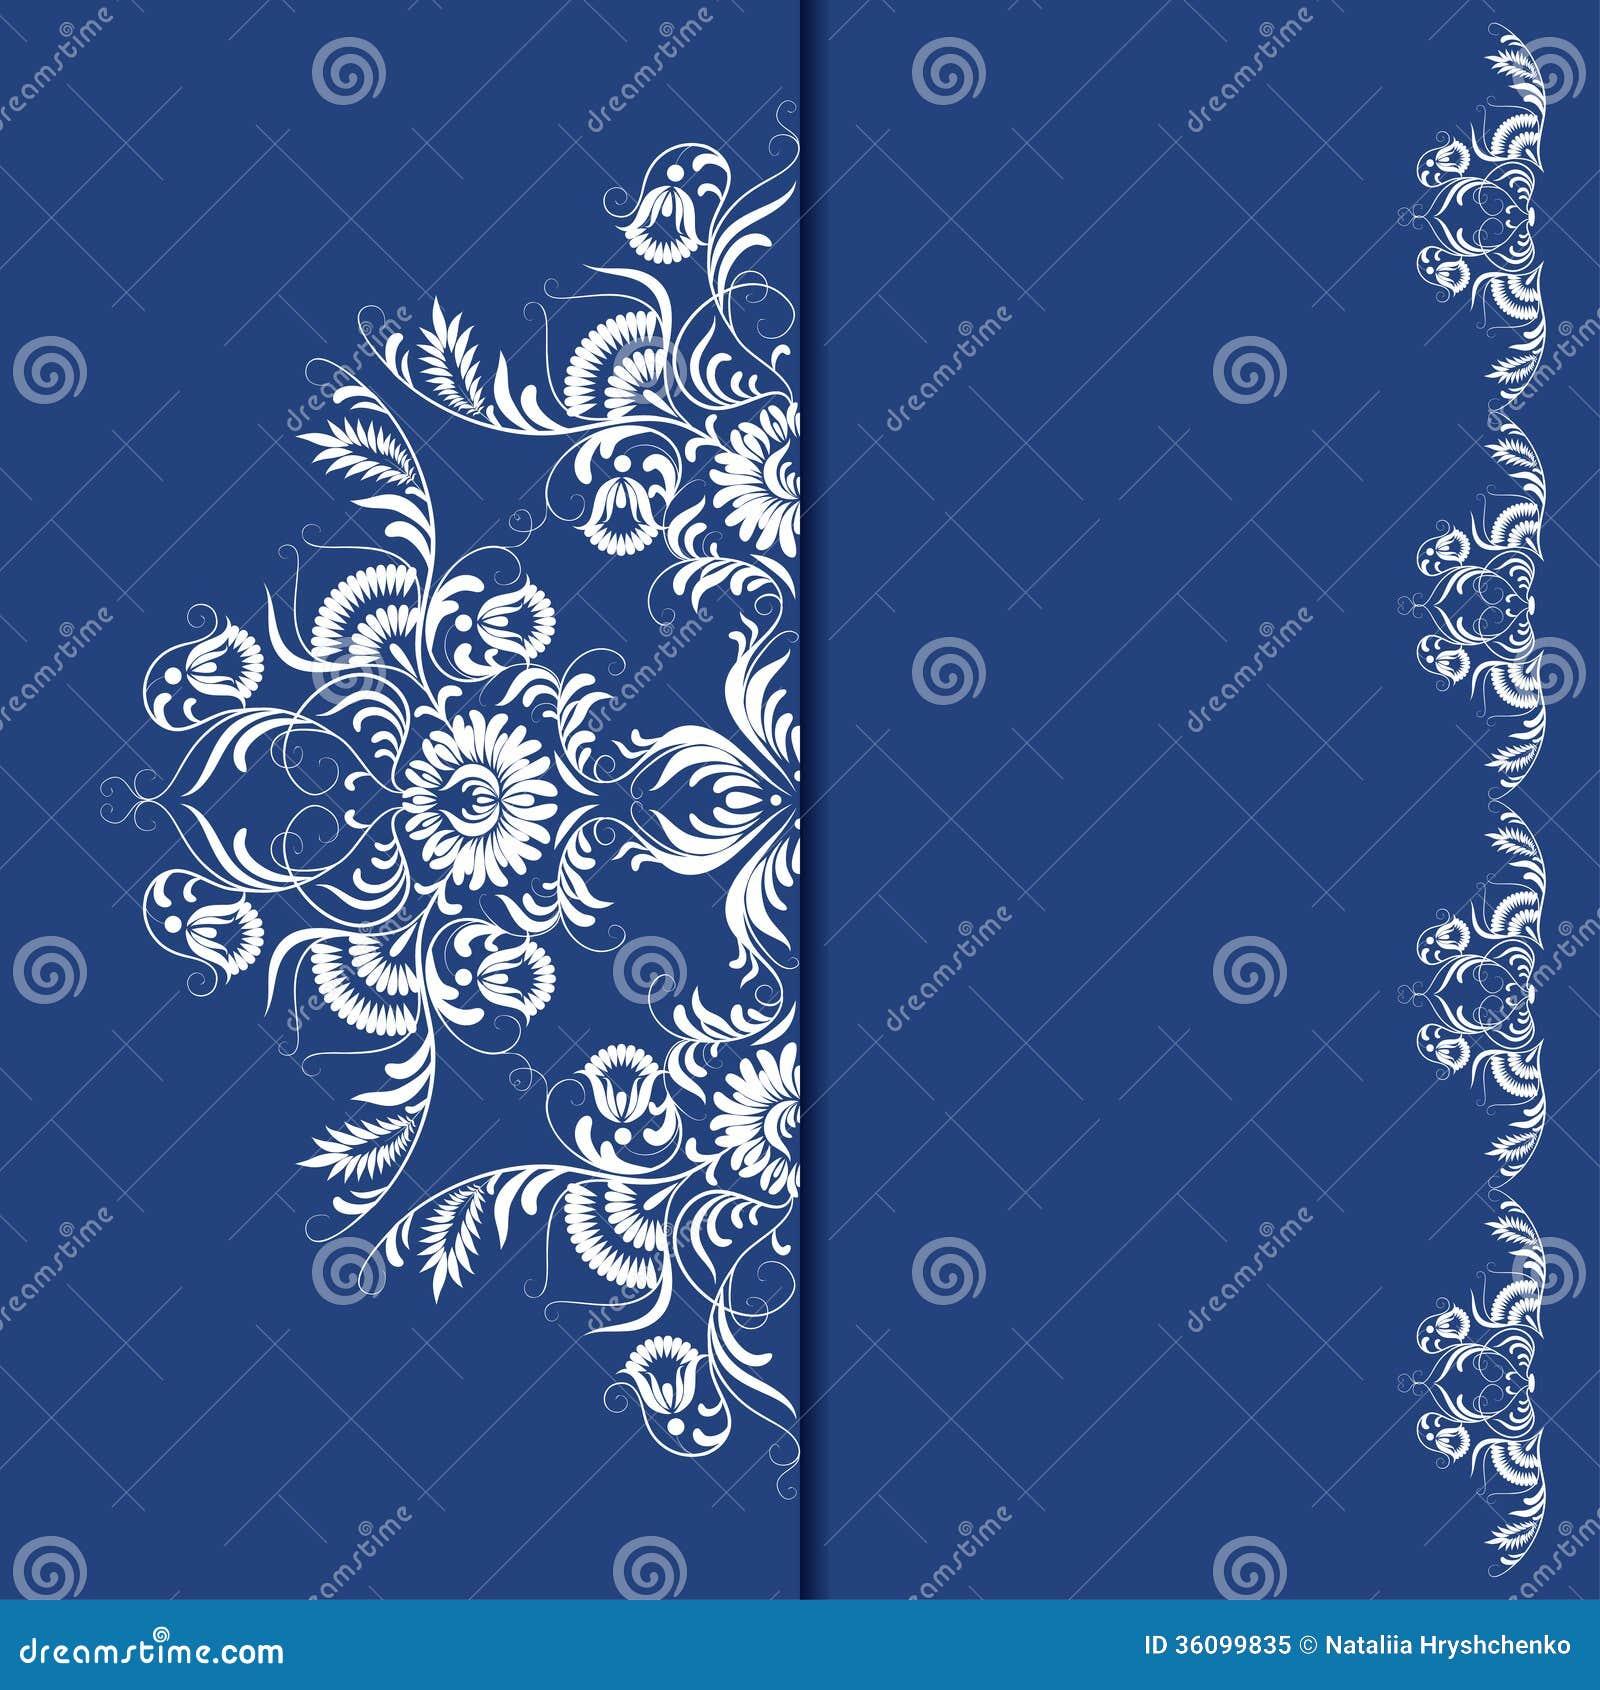 elegant filigree background with - photo #10